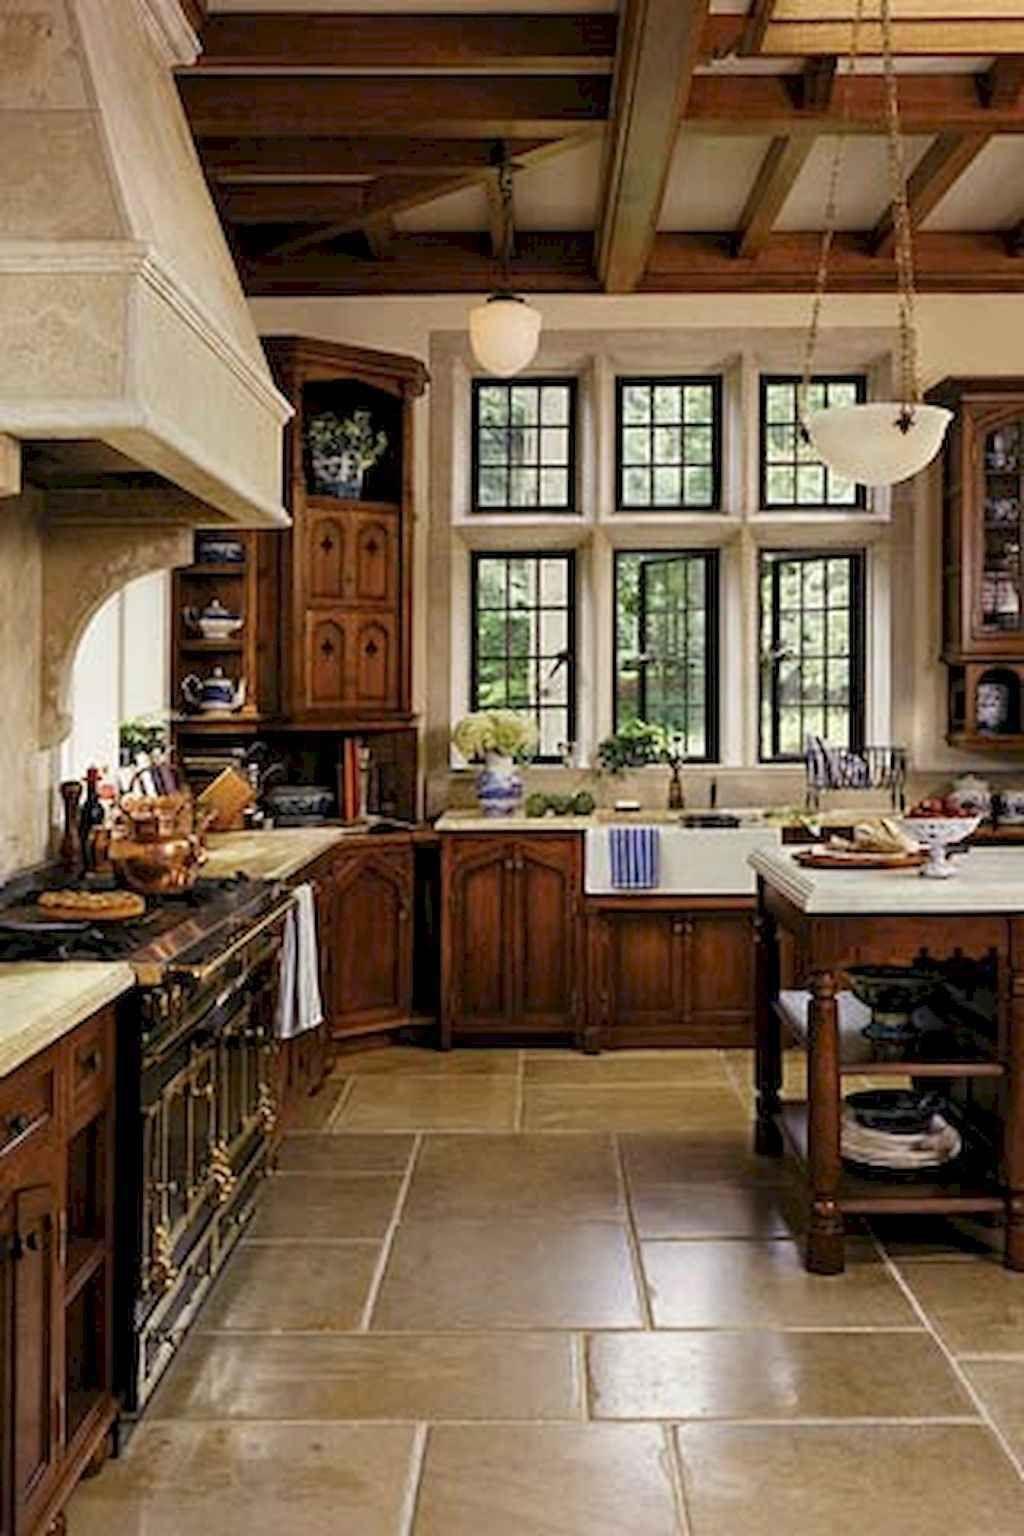 70 tile floor farmhouse kitchen decor ideas 50 livingmarch com tuscan kitchen tuscan on farmhouse kitchen tile floor id=32334